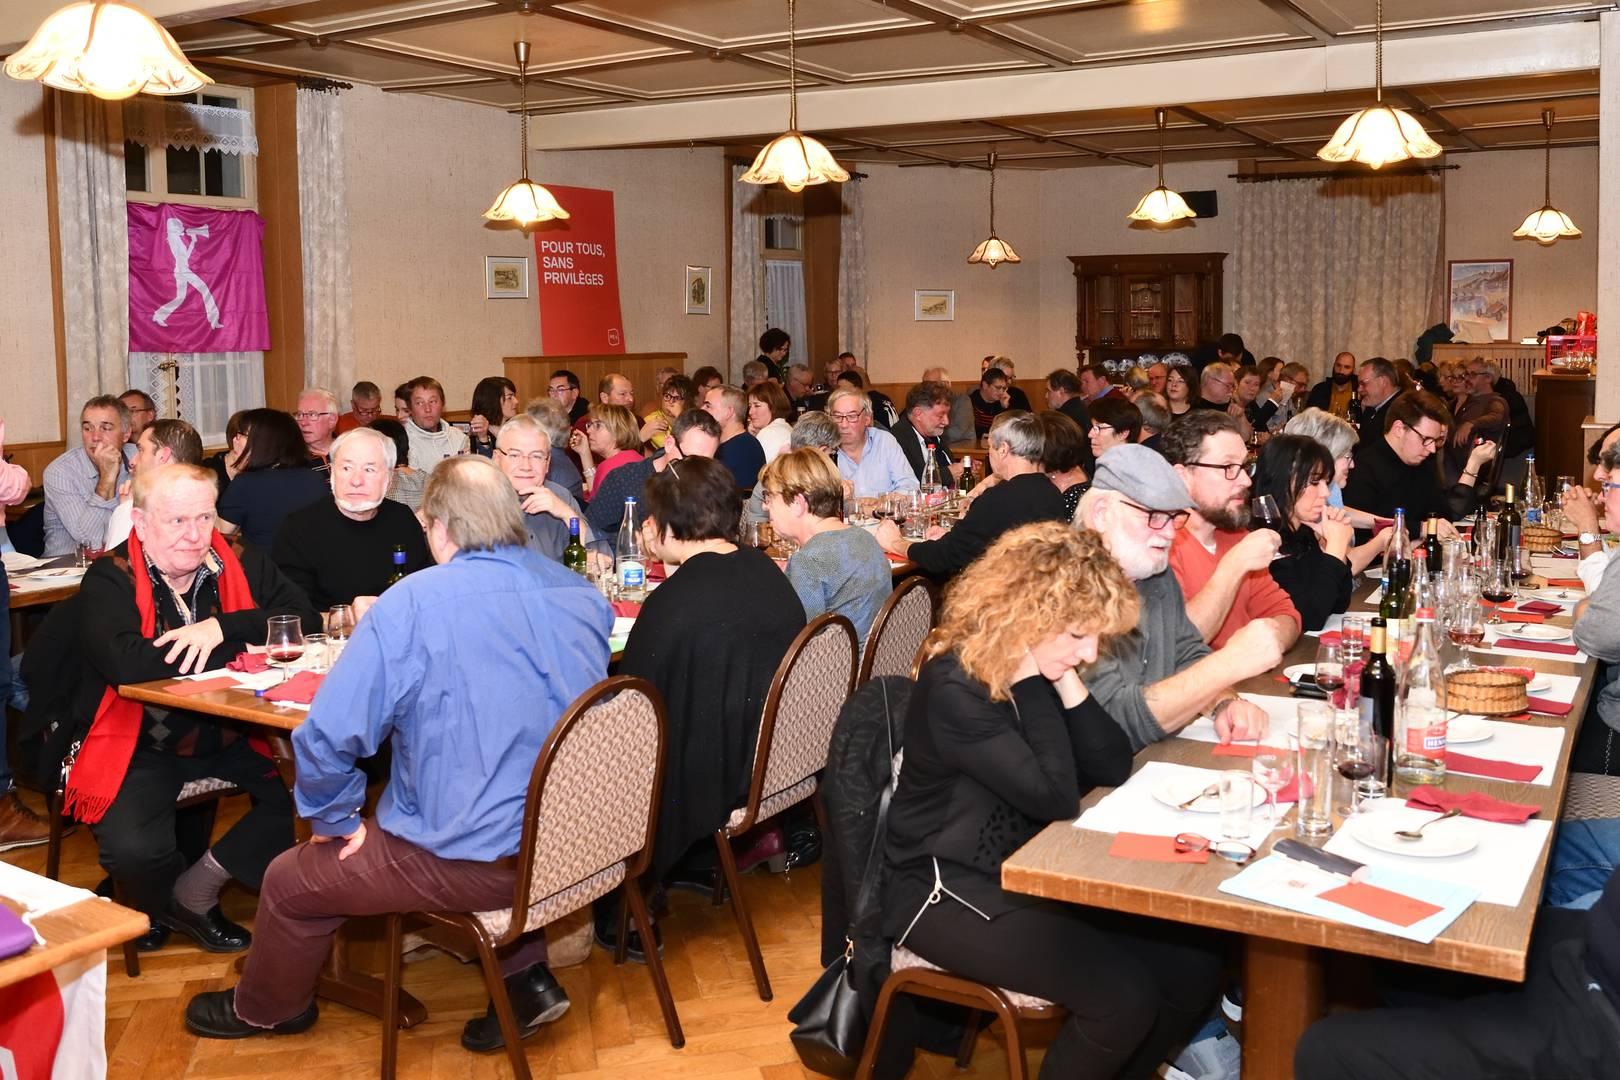 Congrès de St-Ursanne, 6 décembre 2019 (photos: Georges Henz)